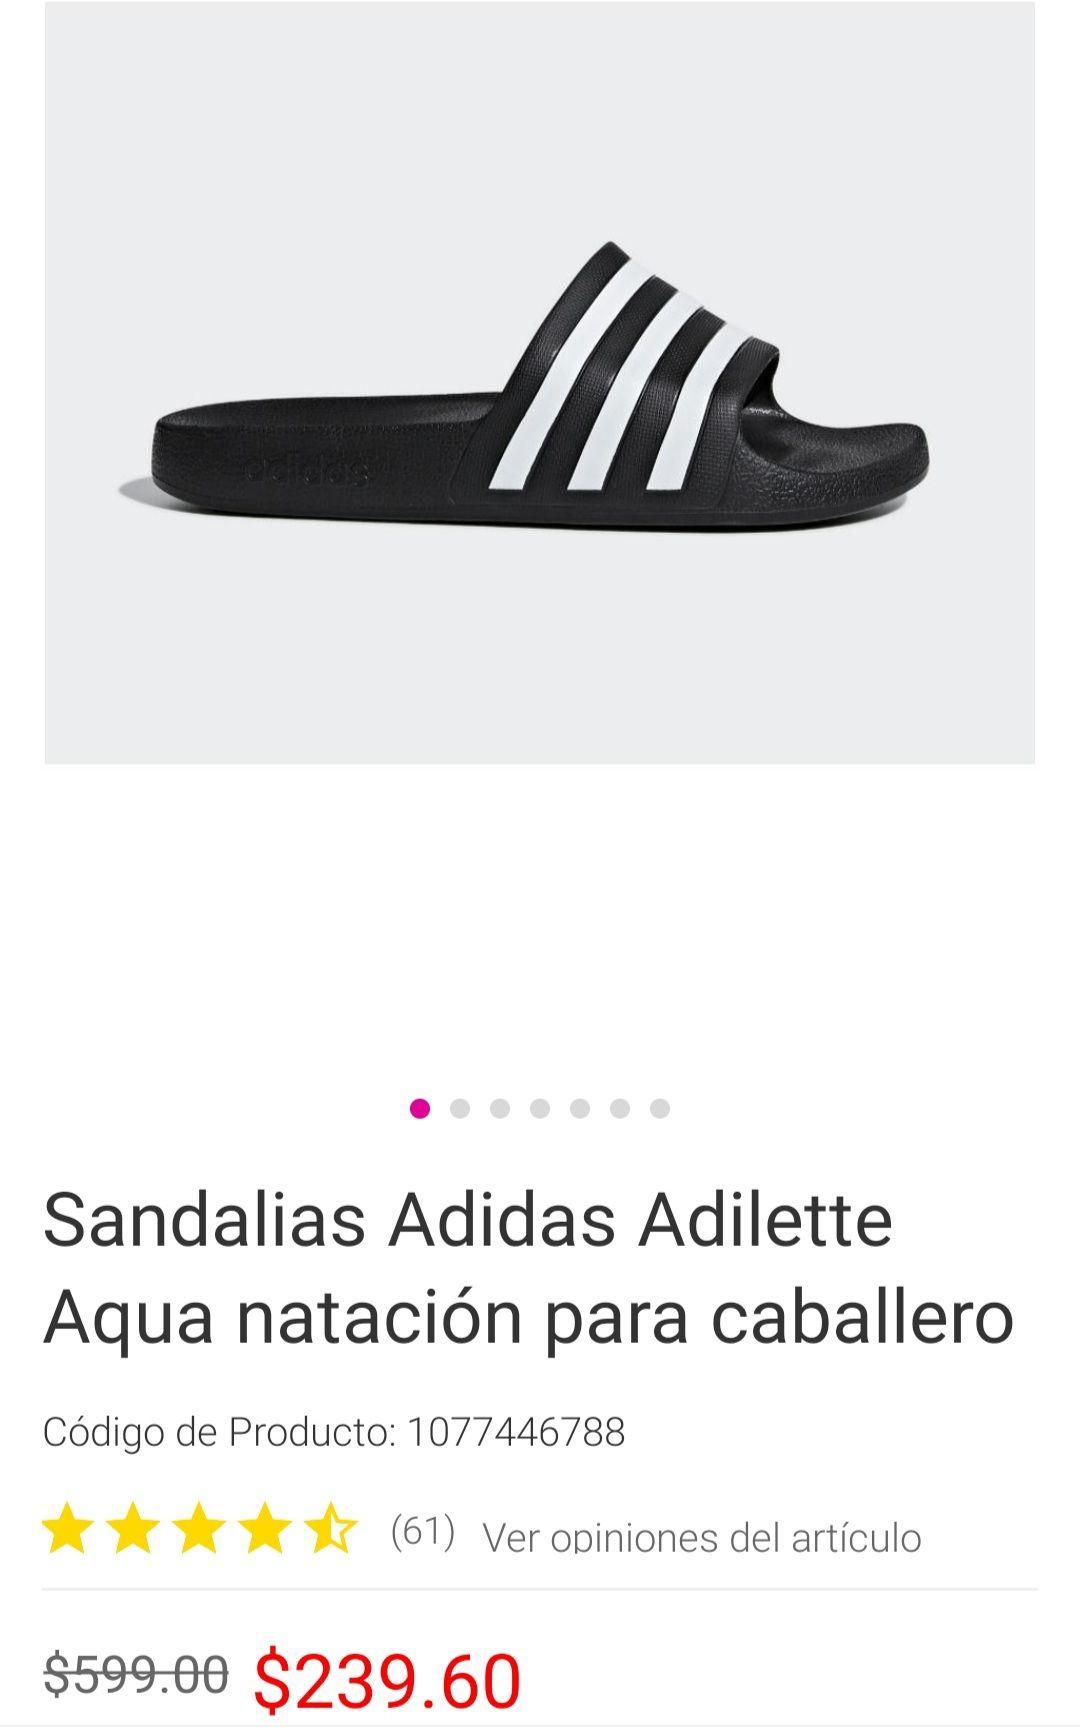 Liverpool: Sandalias adidas adilette varias tallas